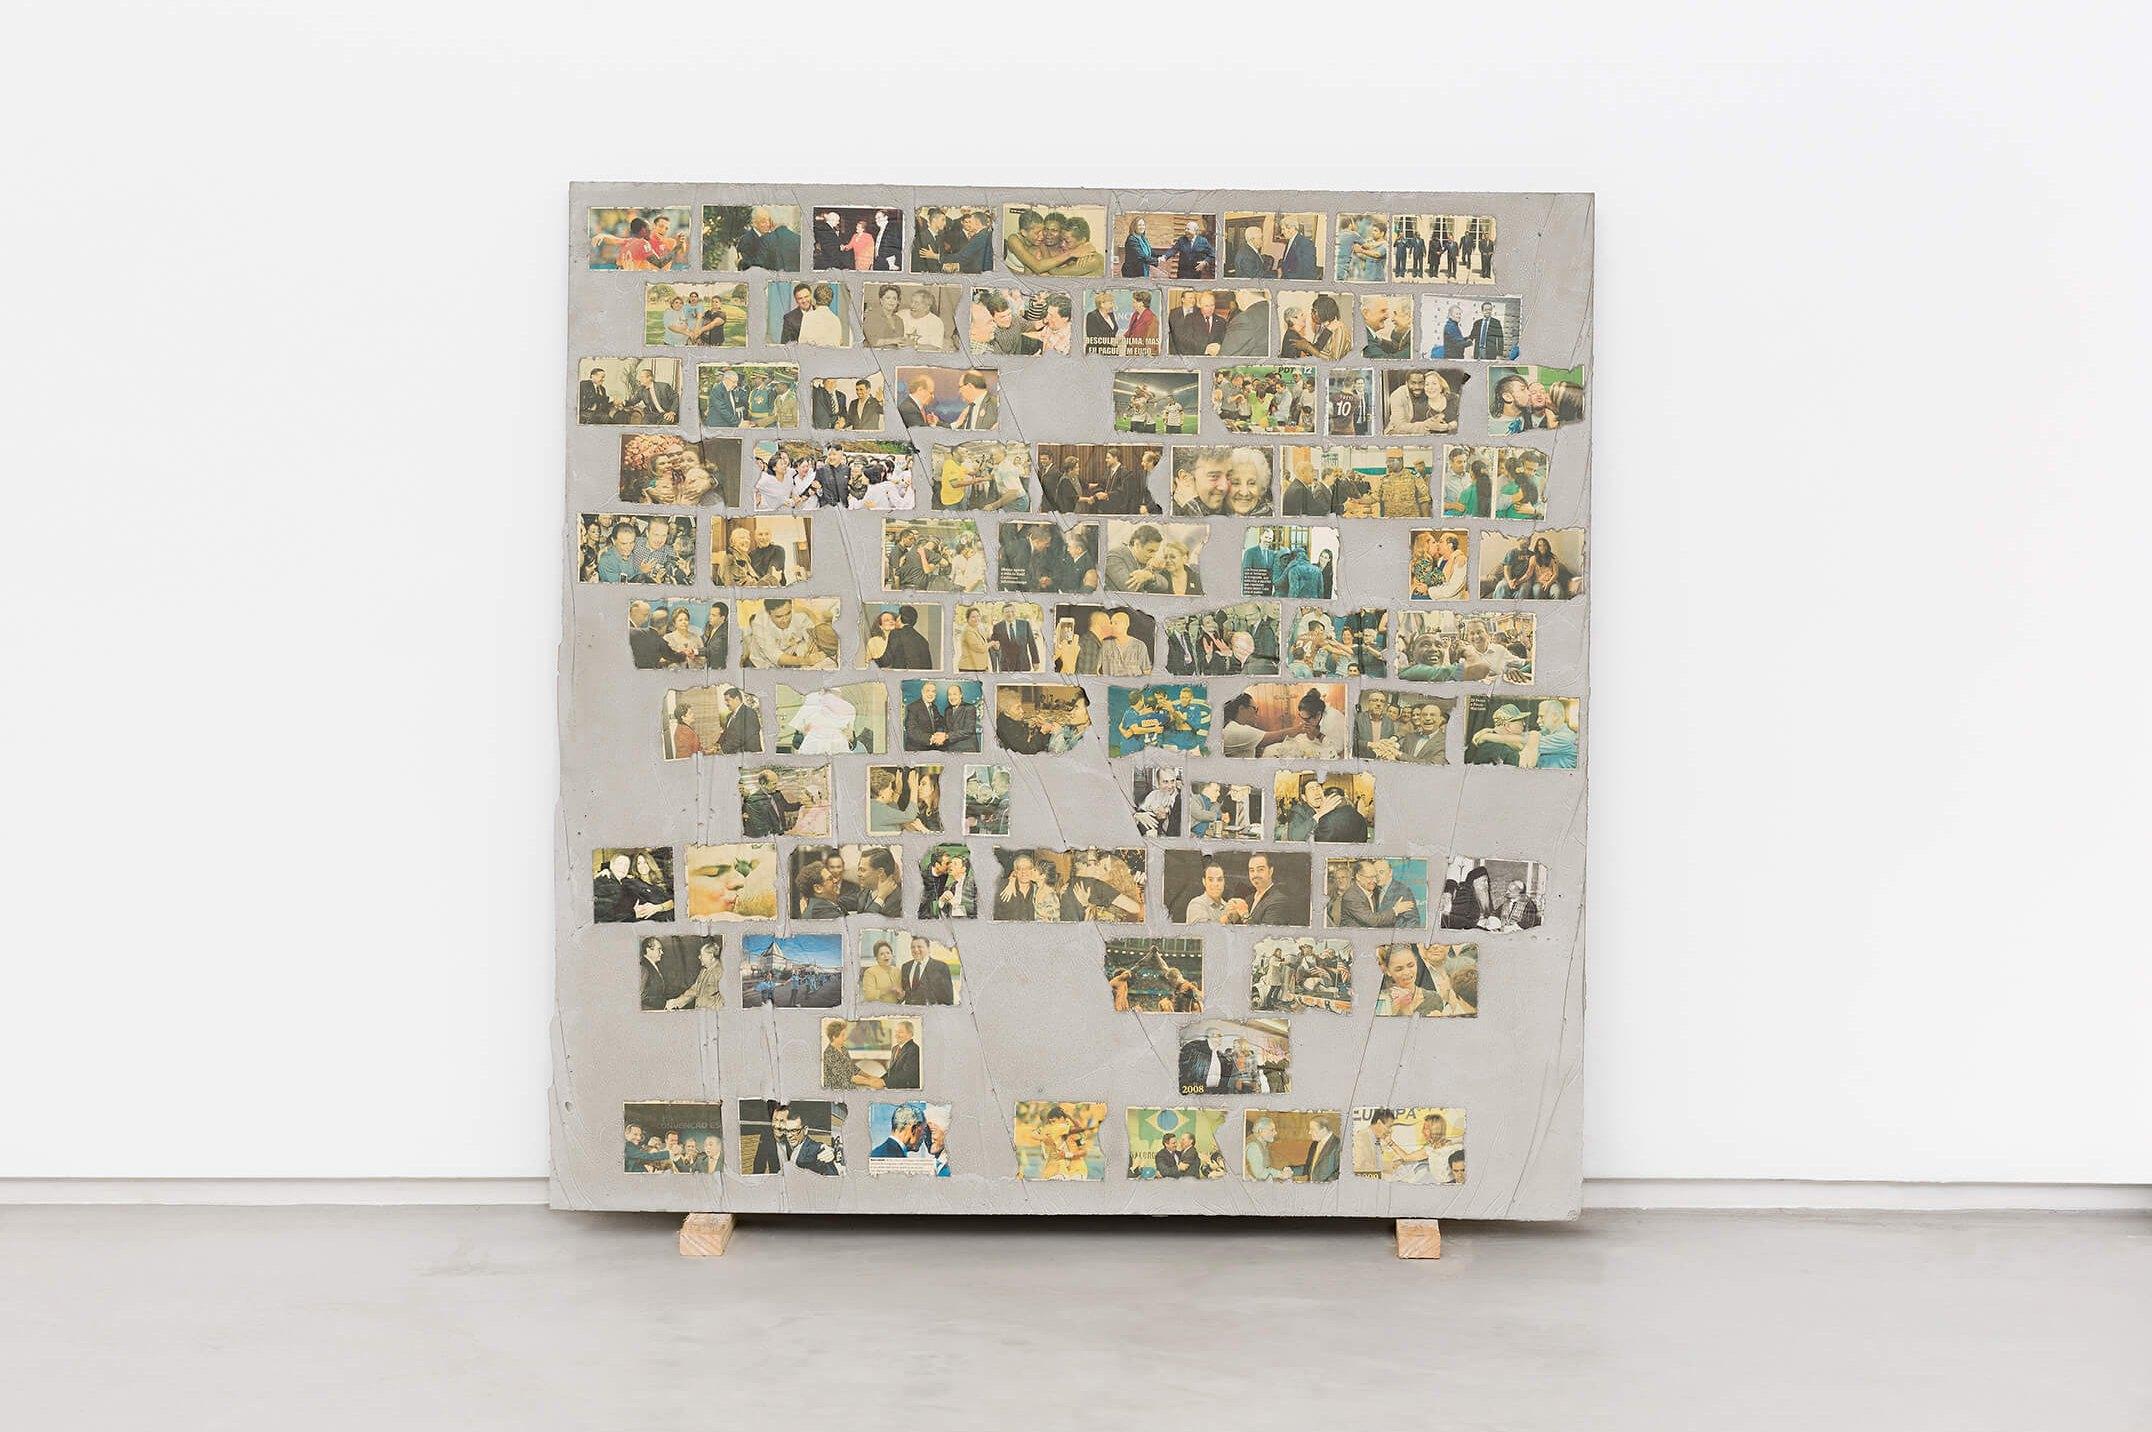 Matheus Rocha Pitta,<em>Décimo Segundo Acordo</em>, 2013,concrete and paper,100 × 100 × 3 cm - Mendes Wood DM